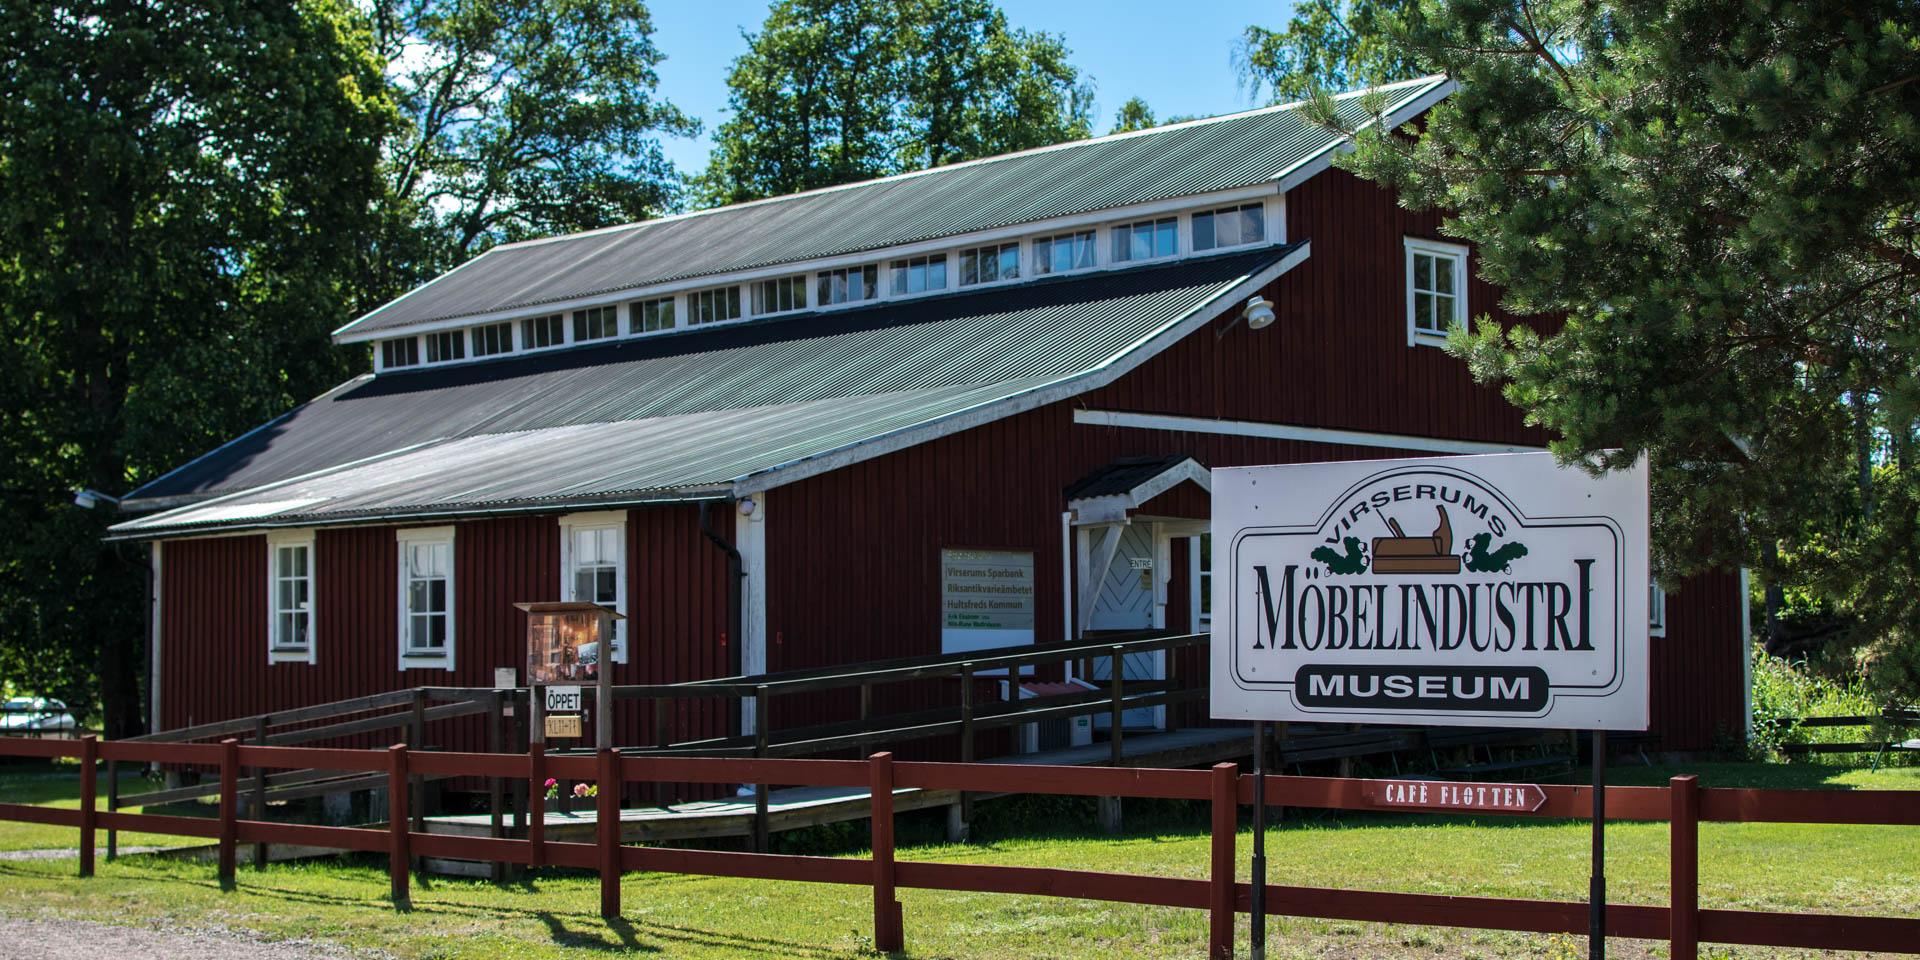 Virserums Möbelindustrimuseum 2017